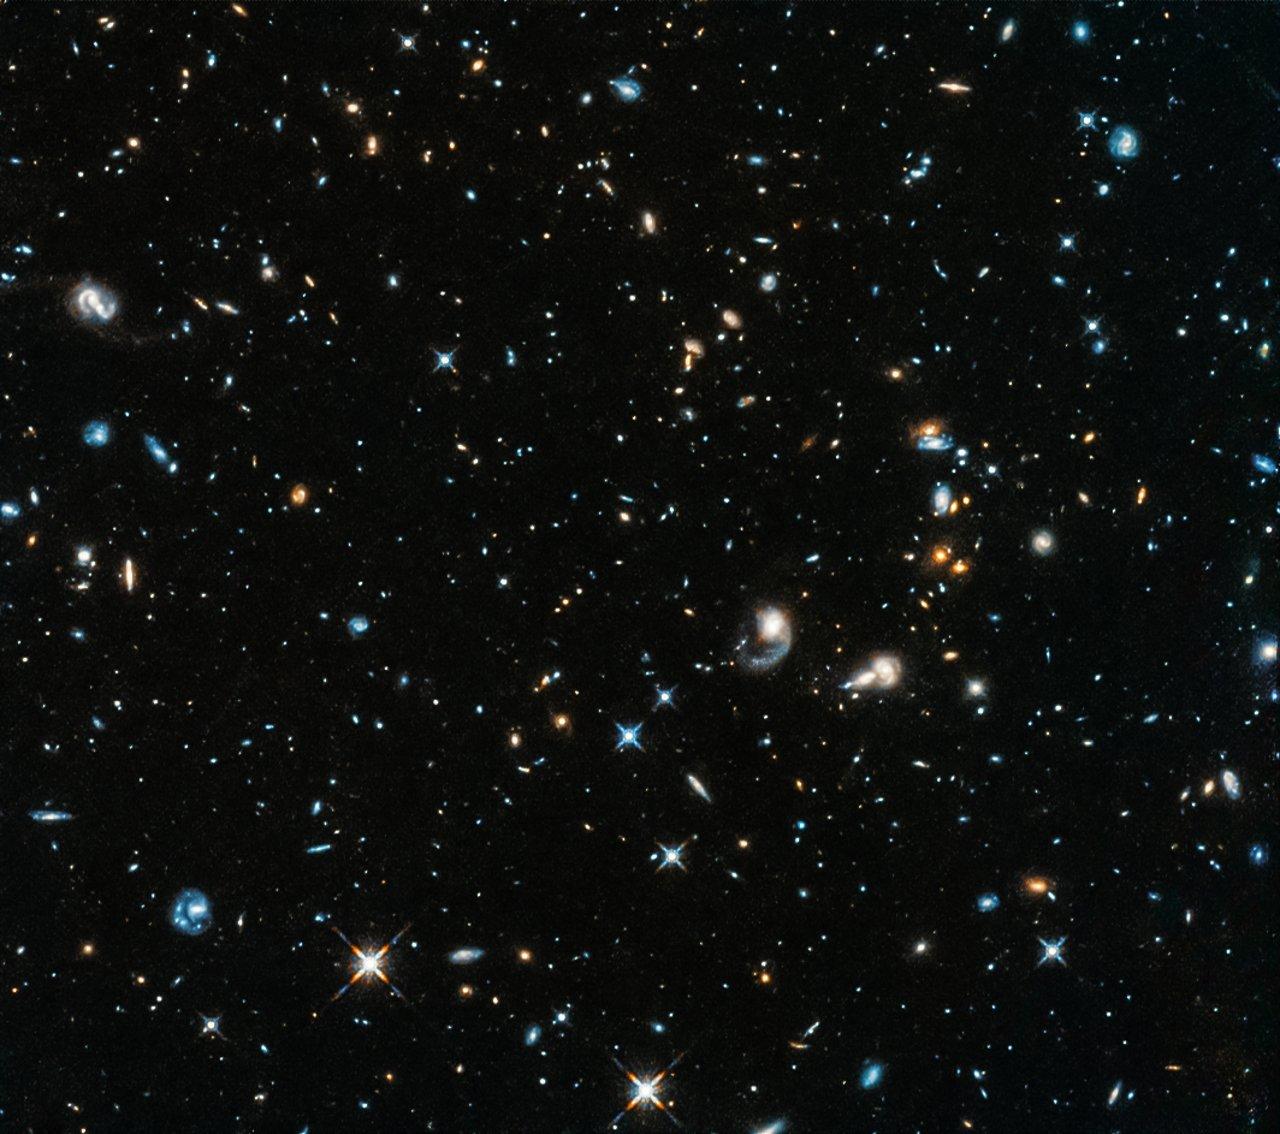 Hubble opens its eye again